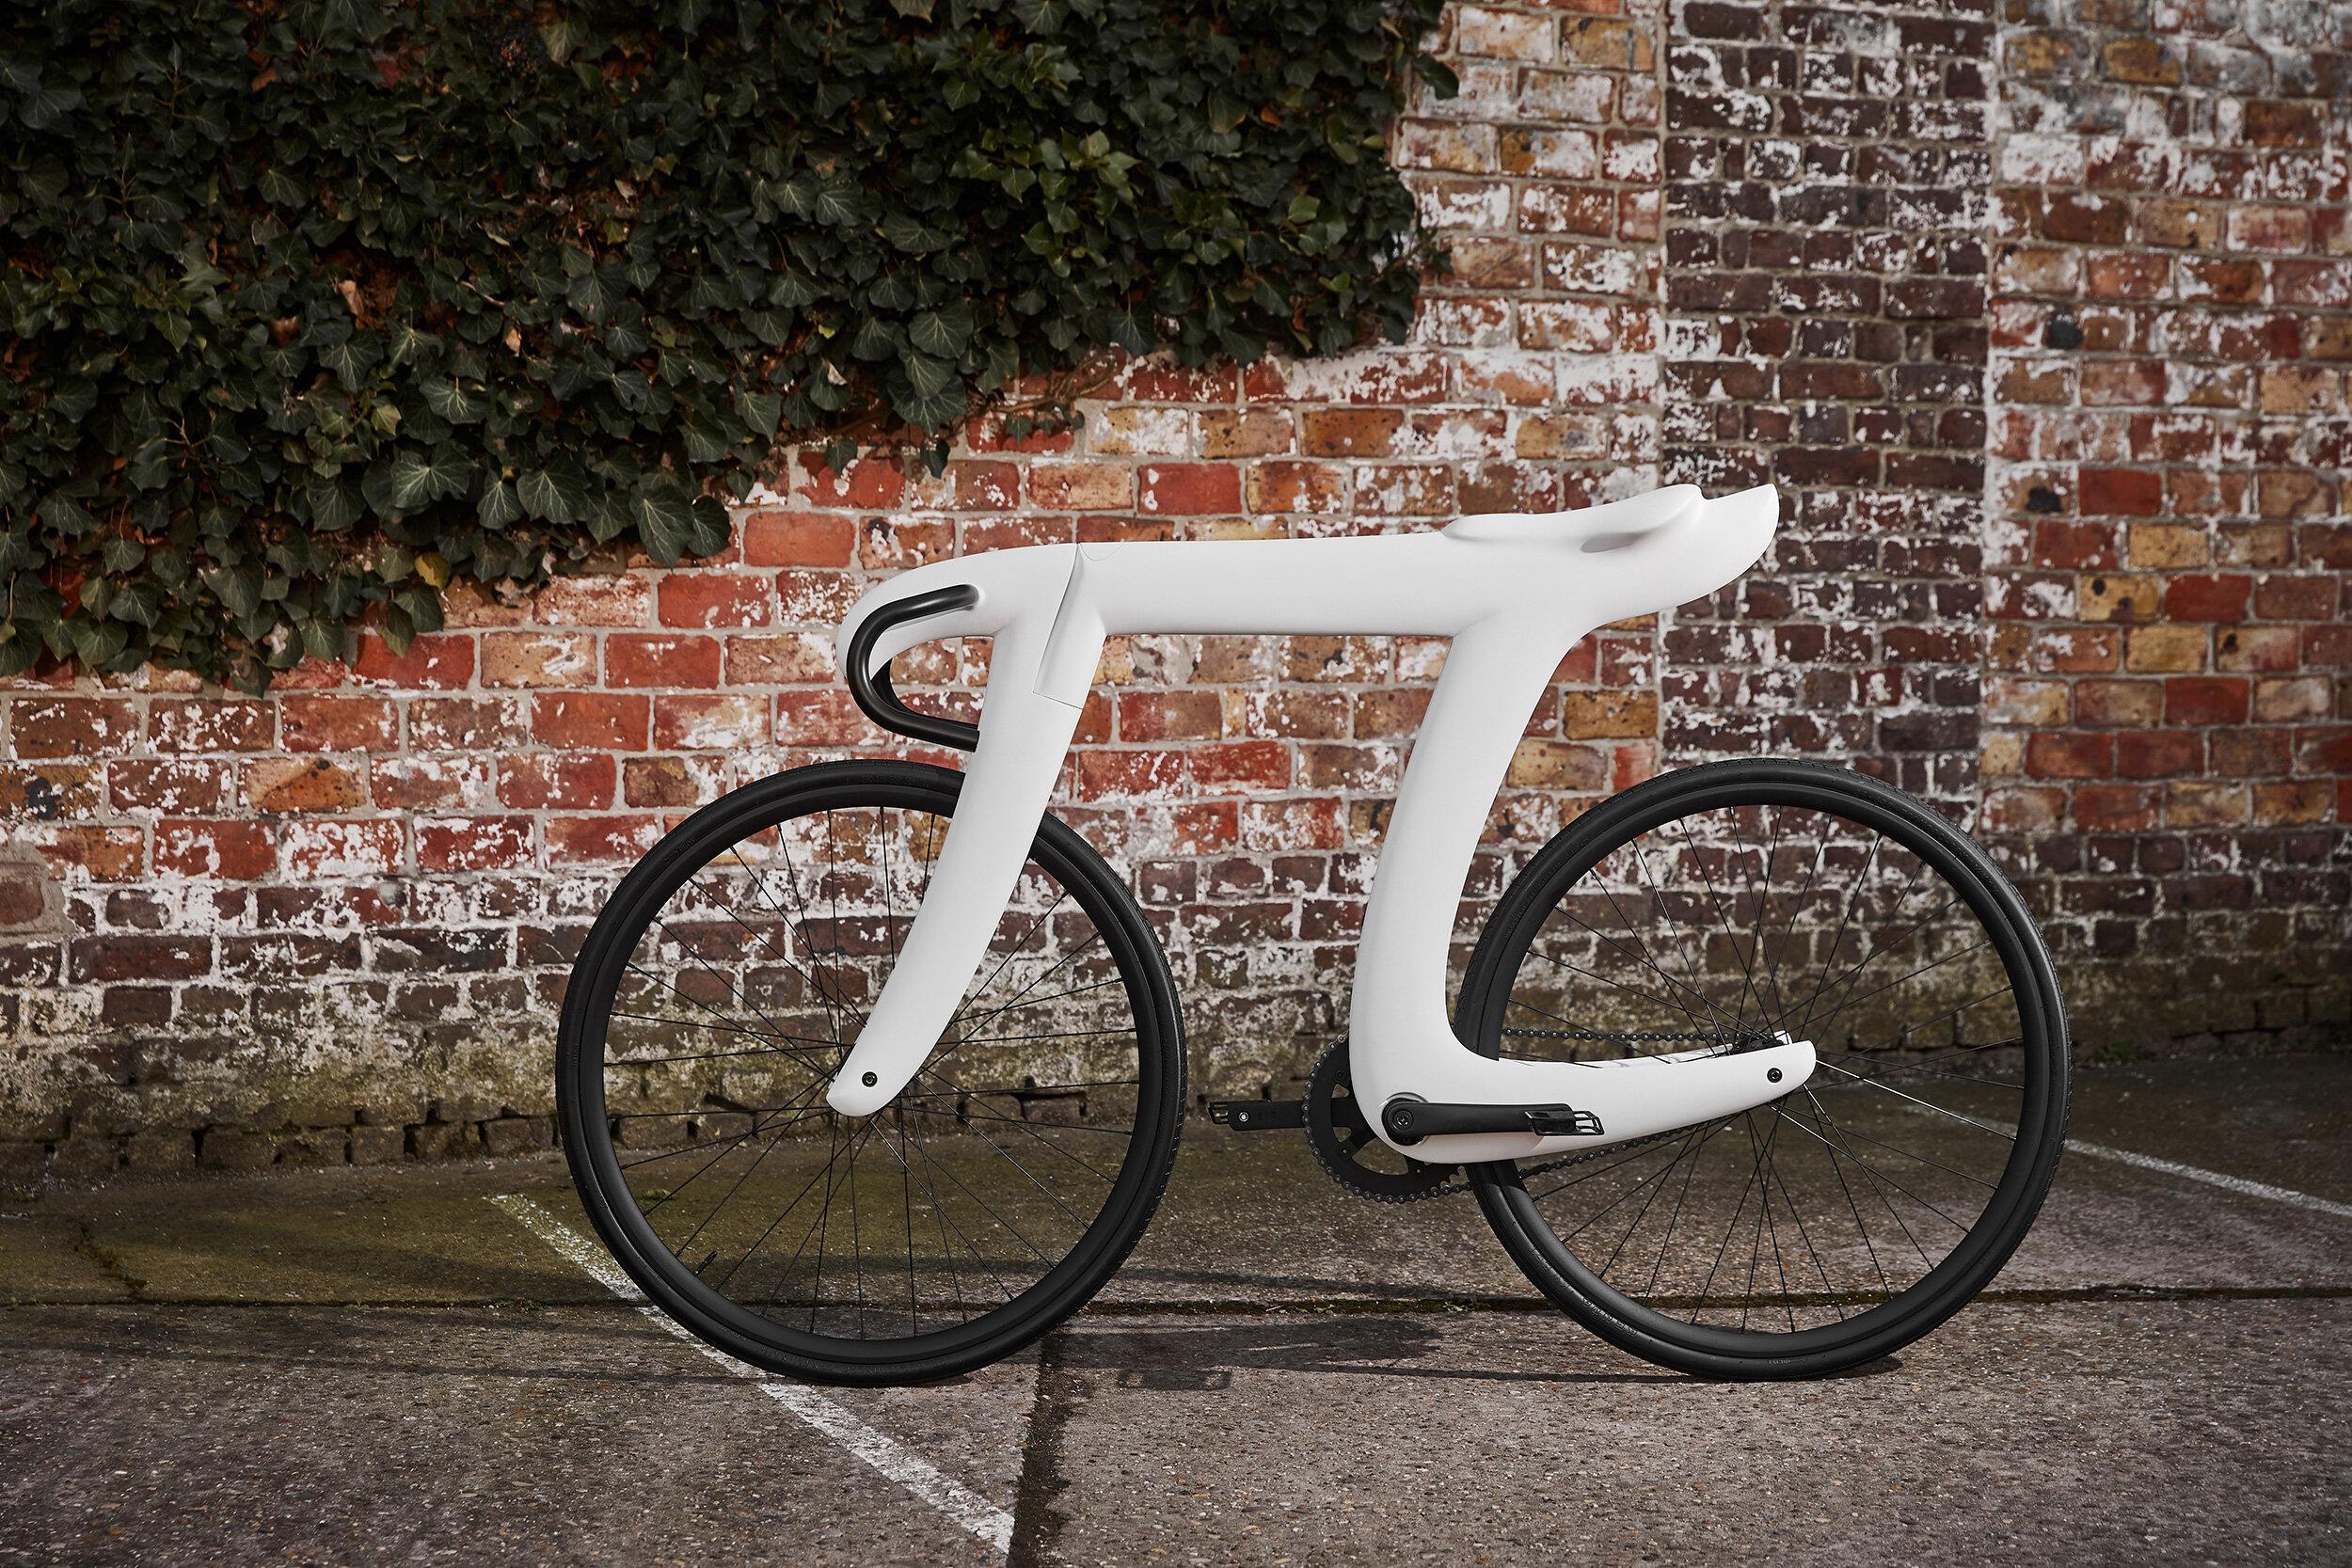 Mai multe imagini - un singur cuvant! - Pagina 24 The+Pi+Bike